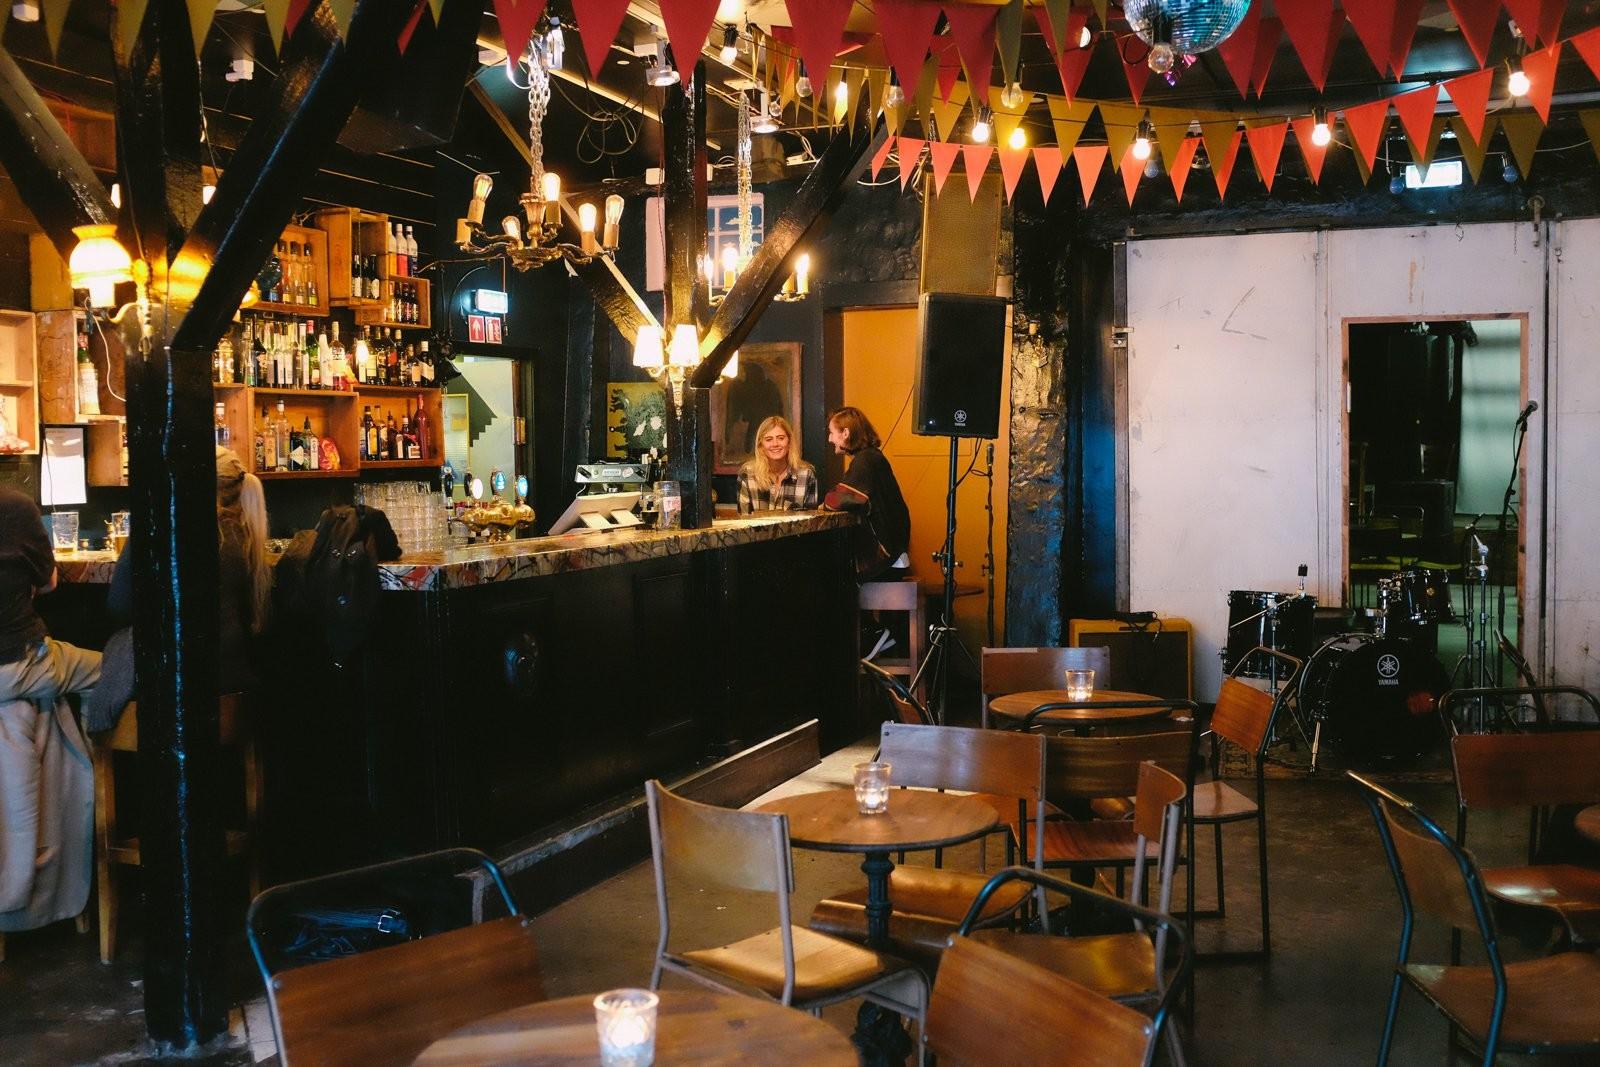 Experiência Erasmus em Reykjavík, Islândia por Jóhanna